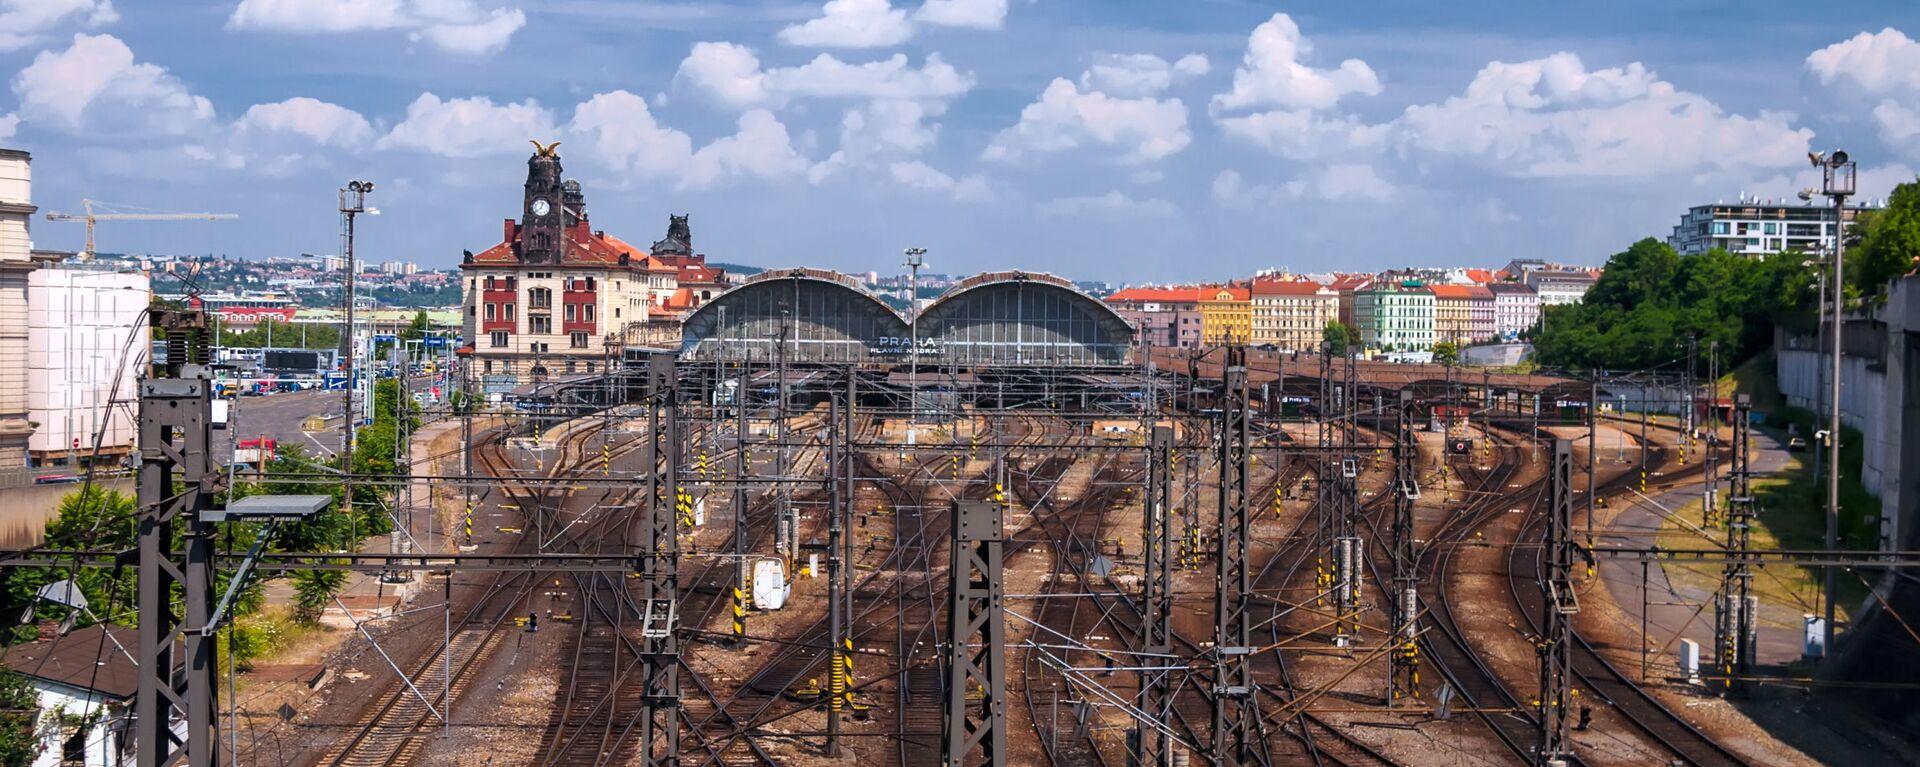 Hlavní nádraží, Praha - Sputnik Česká republika, 1920, 08.08.2021